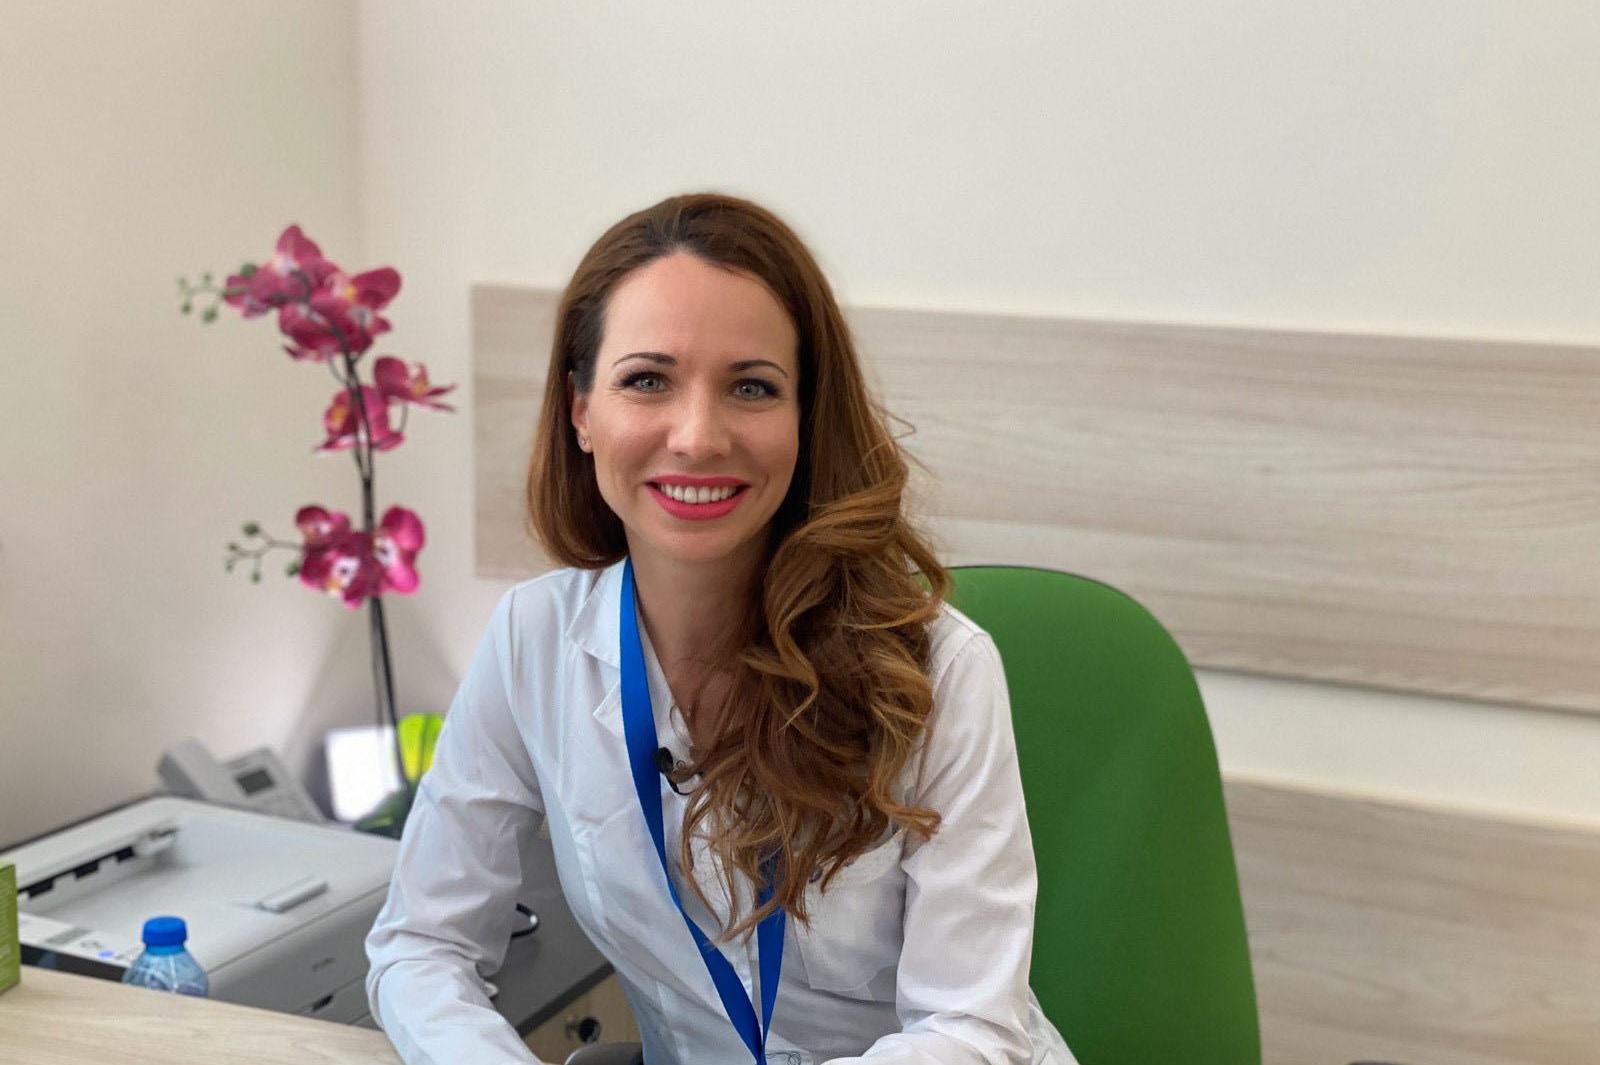 Д-р Райна Стоянова: Организмът ни може да усвои около 120 мл вода за 10 мин